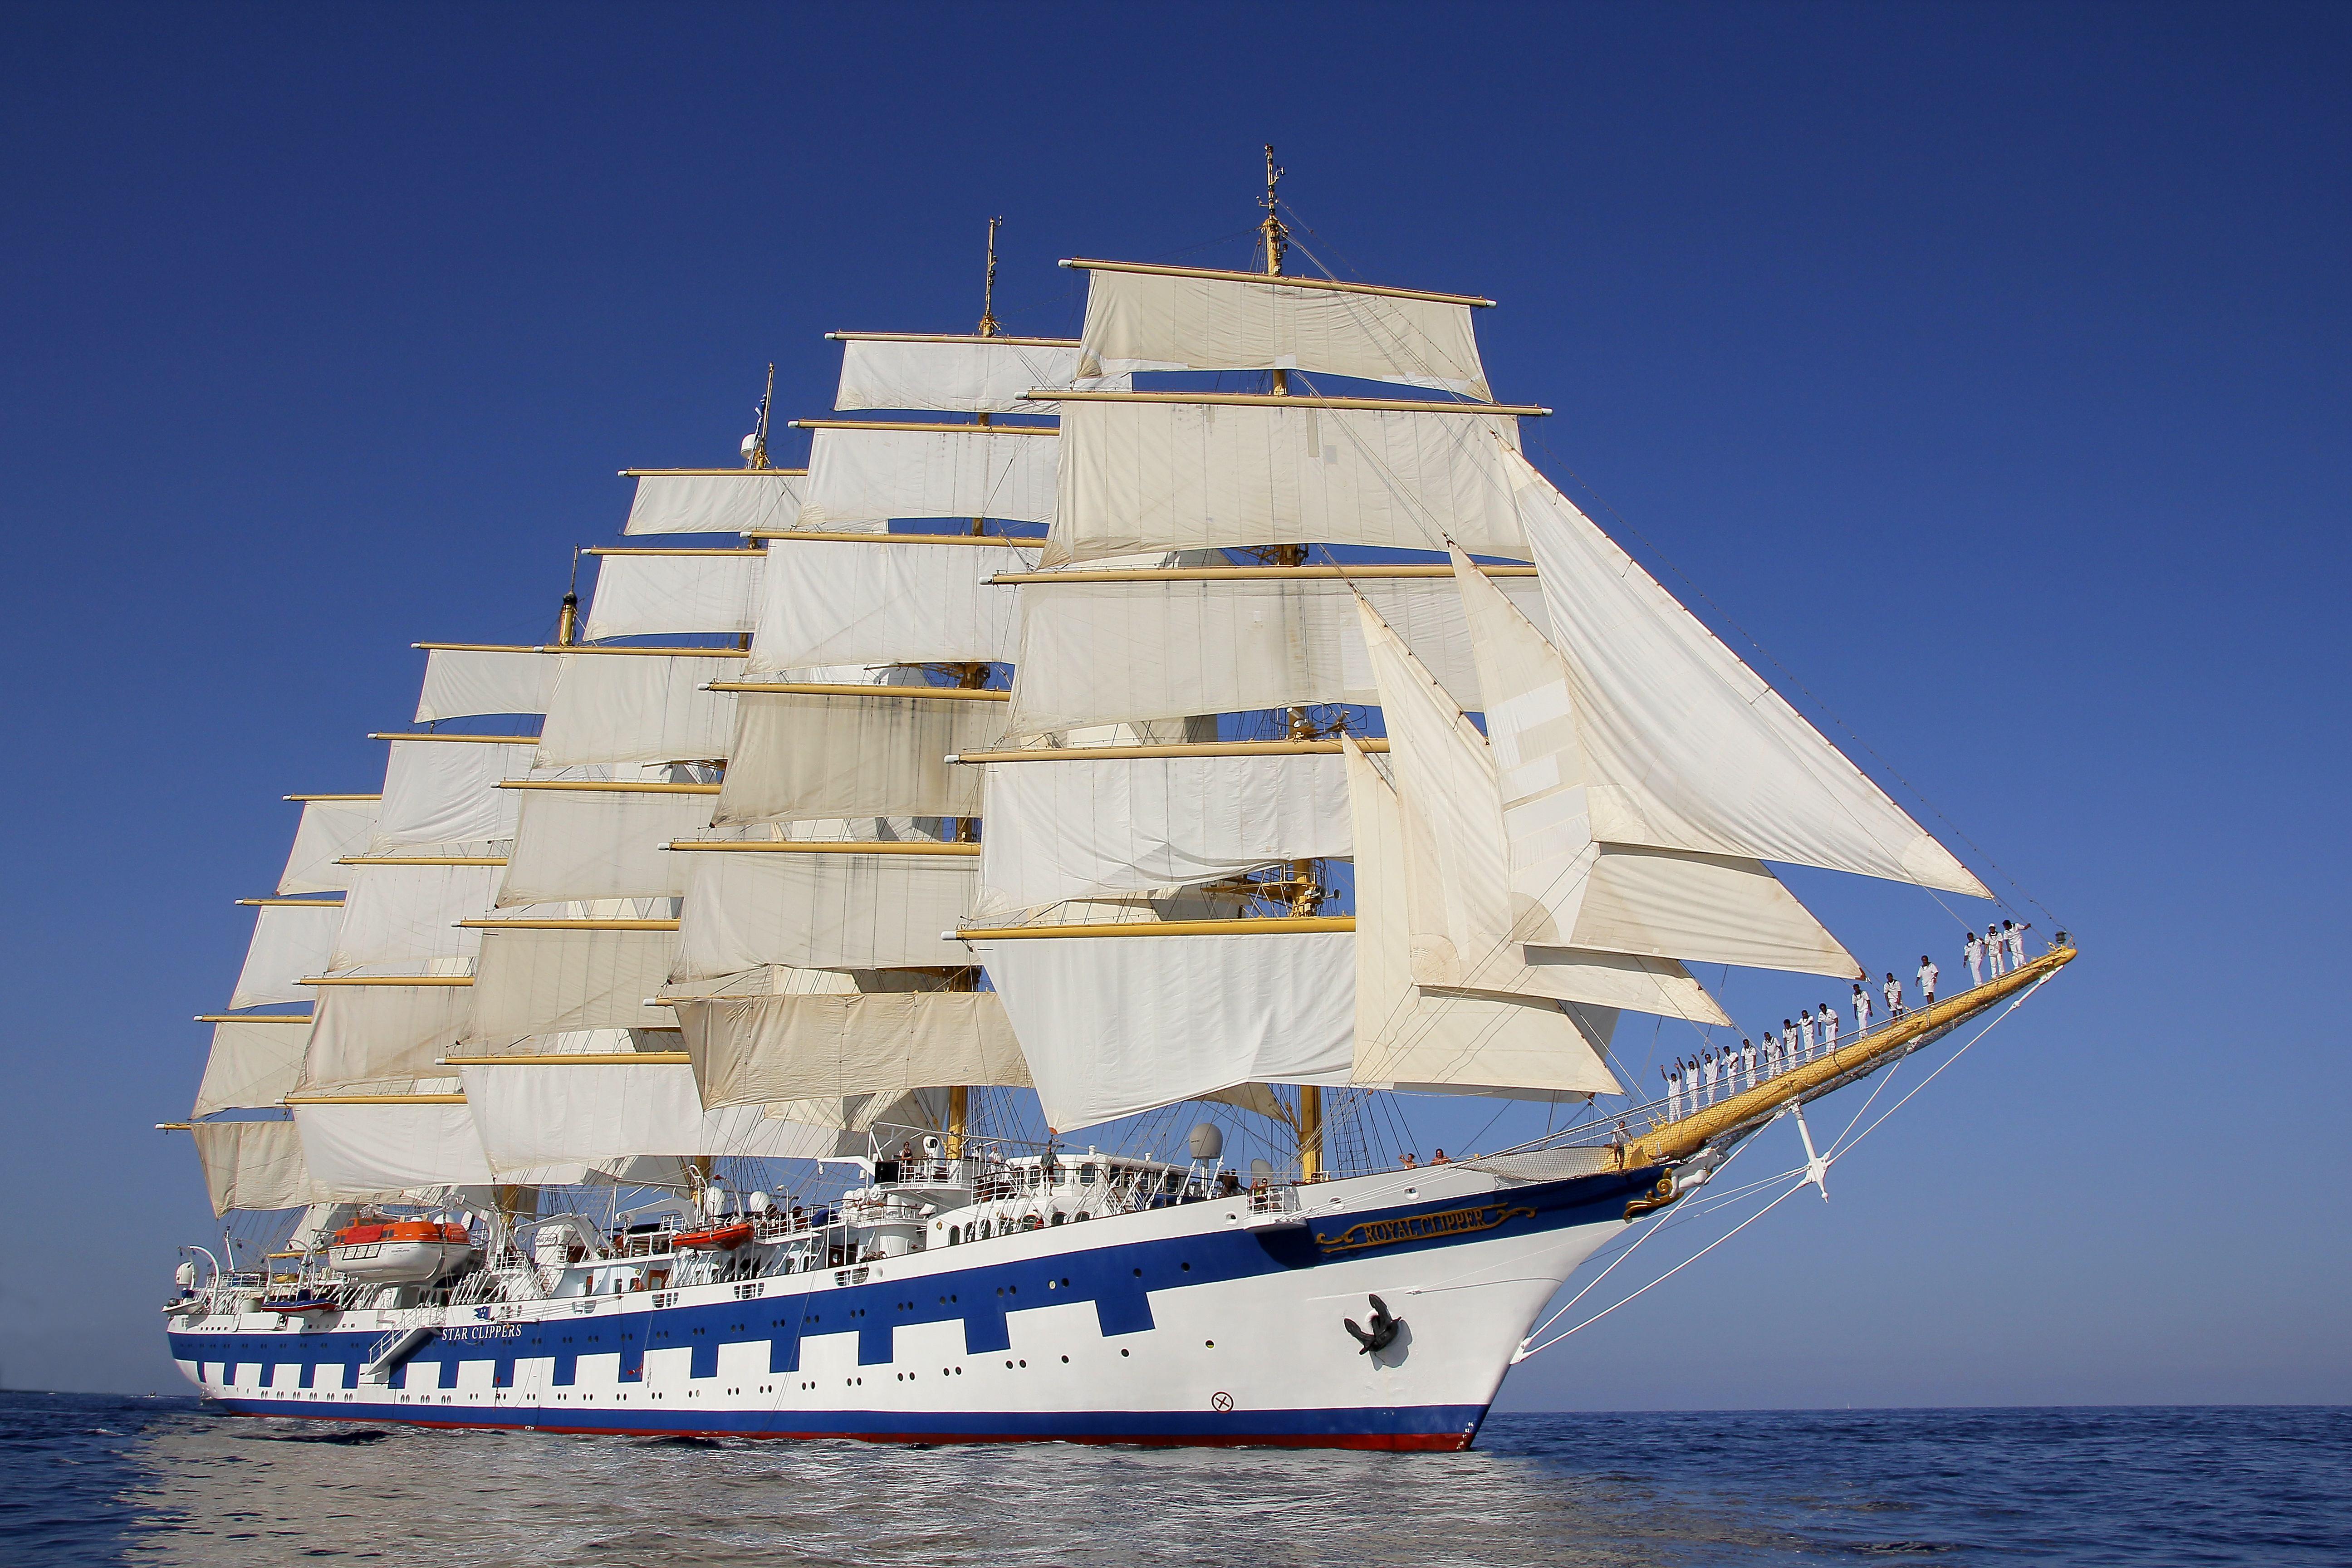 der f nfmaster royal clipper gr tes segelschiff der welt kommt nach europader. Black Bedroom Furniture Sets. Home Design Ideas